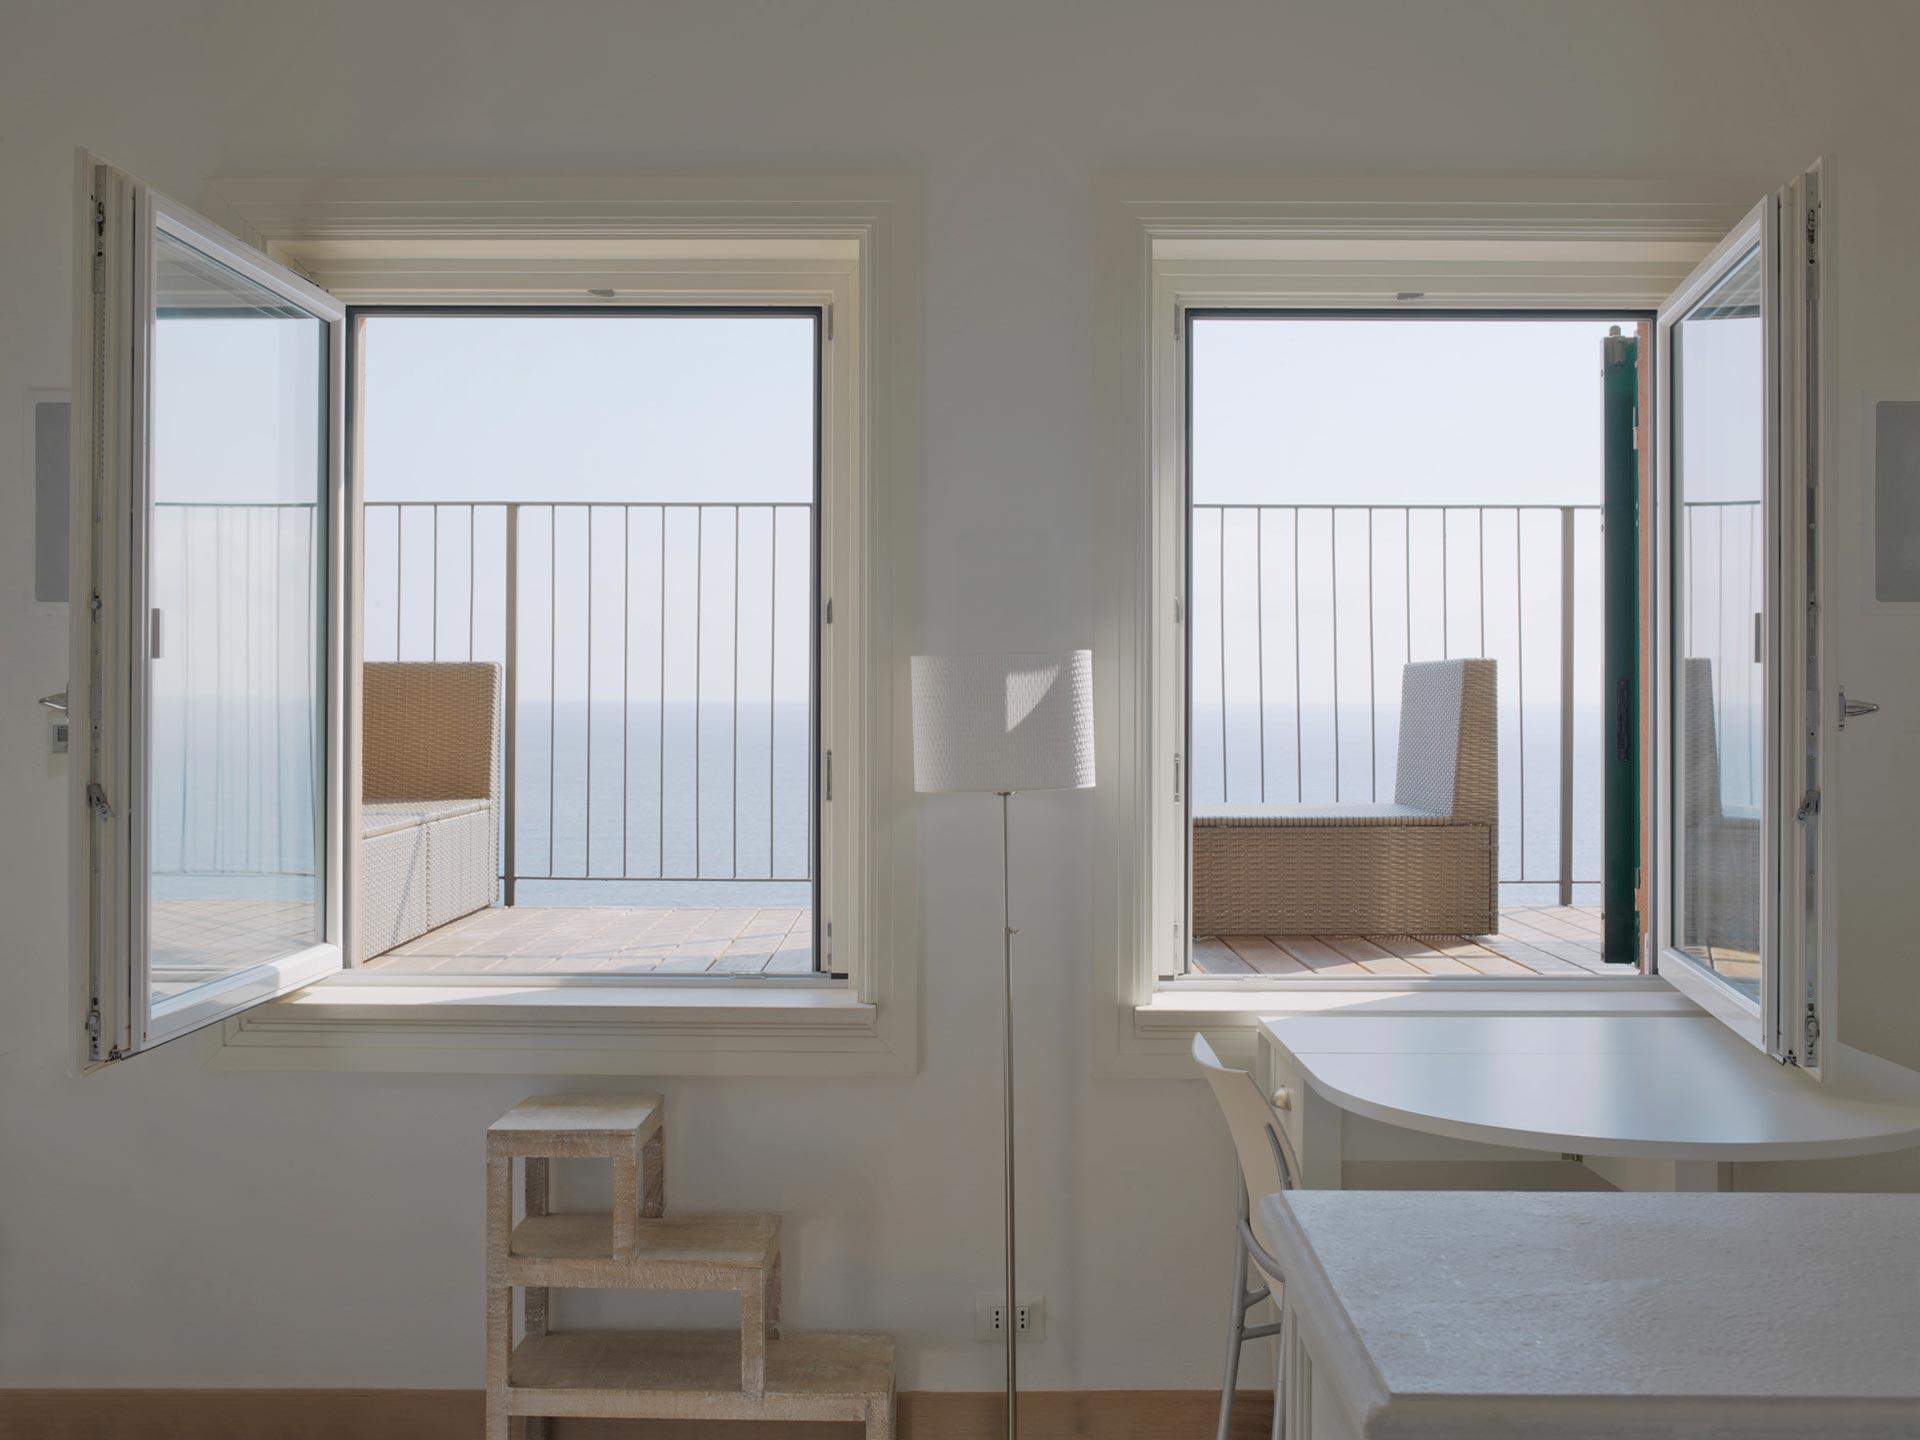 Vista di due finestra ad anta singola Euro 68 laccate bianche